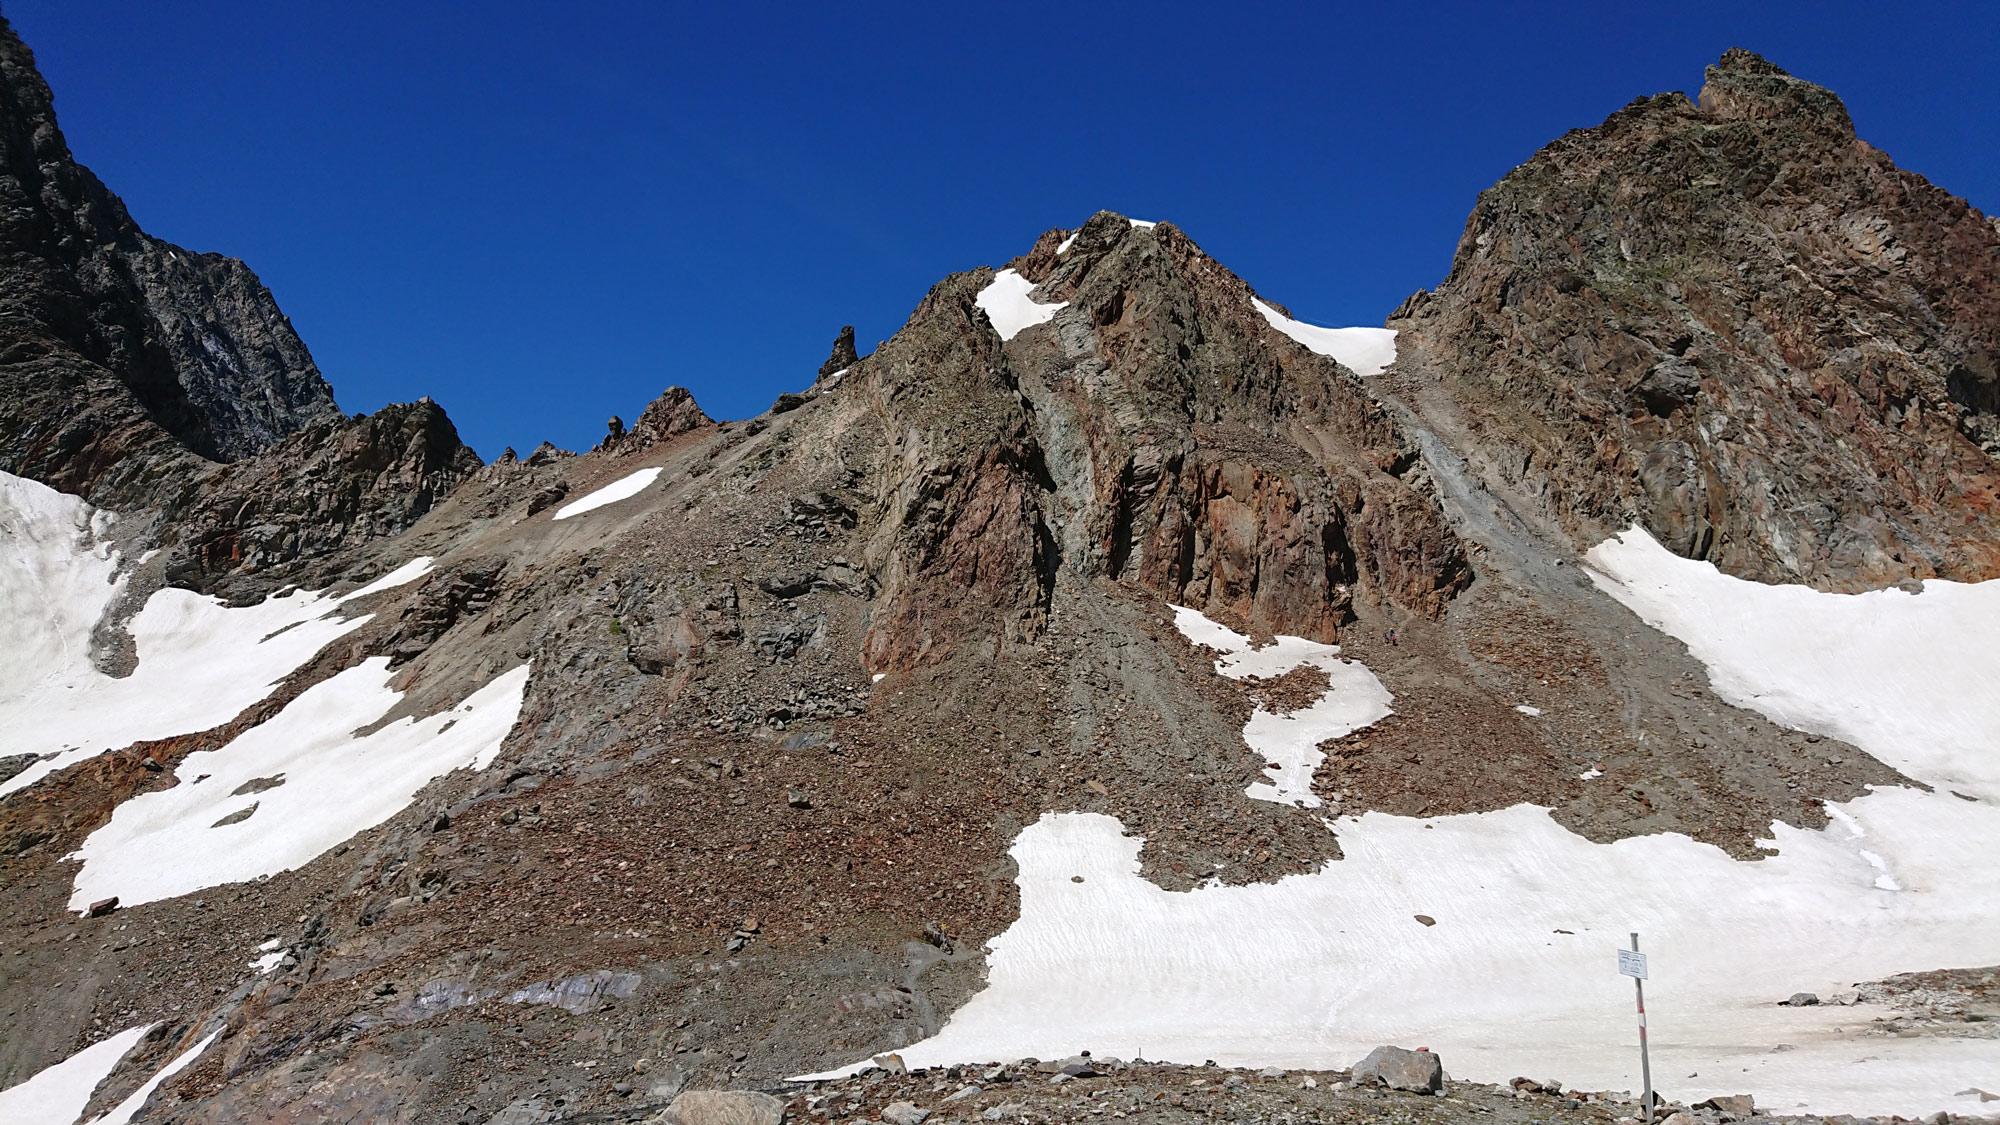 Einst vergletscherte Übergänge, wie das Madatschjoch/Kaunergrat, werden zunehmend eisfrei stellen eine potentielle Steinschlaggefahr dar. Foto: Walter Würtl